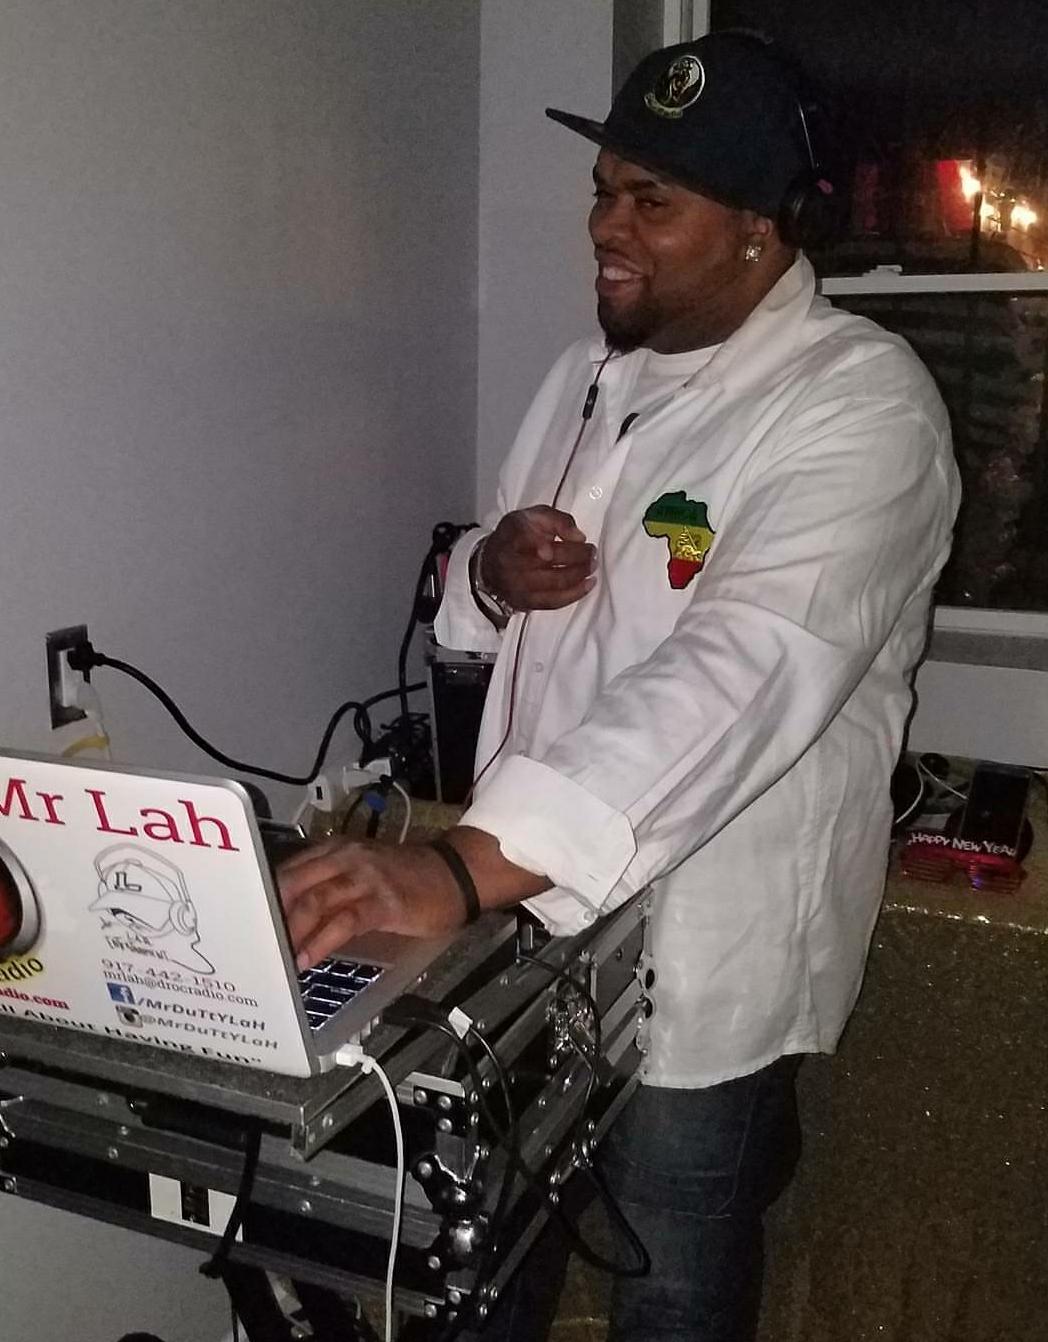 Mr Lah b